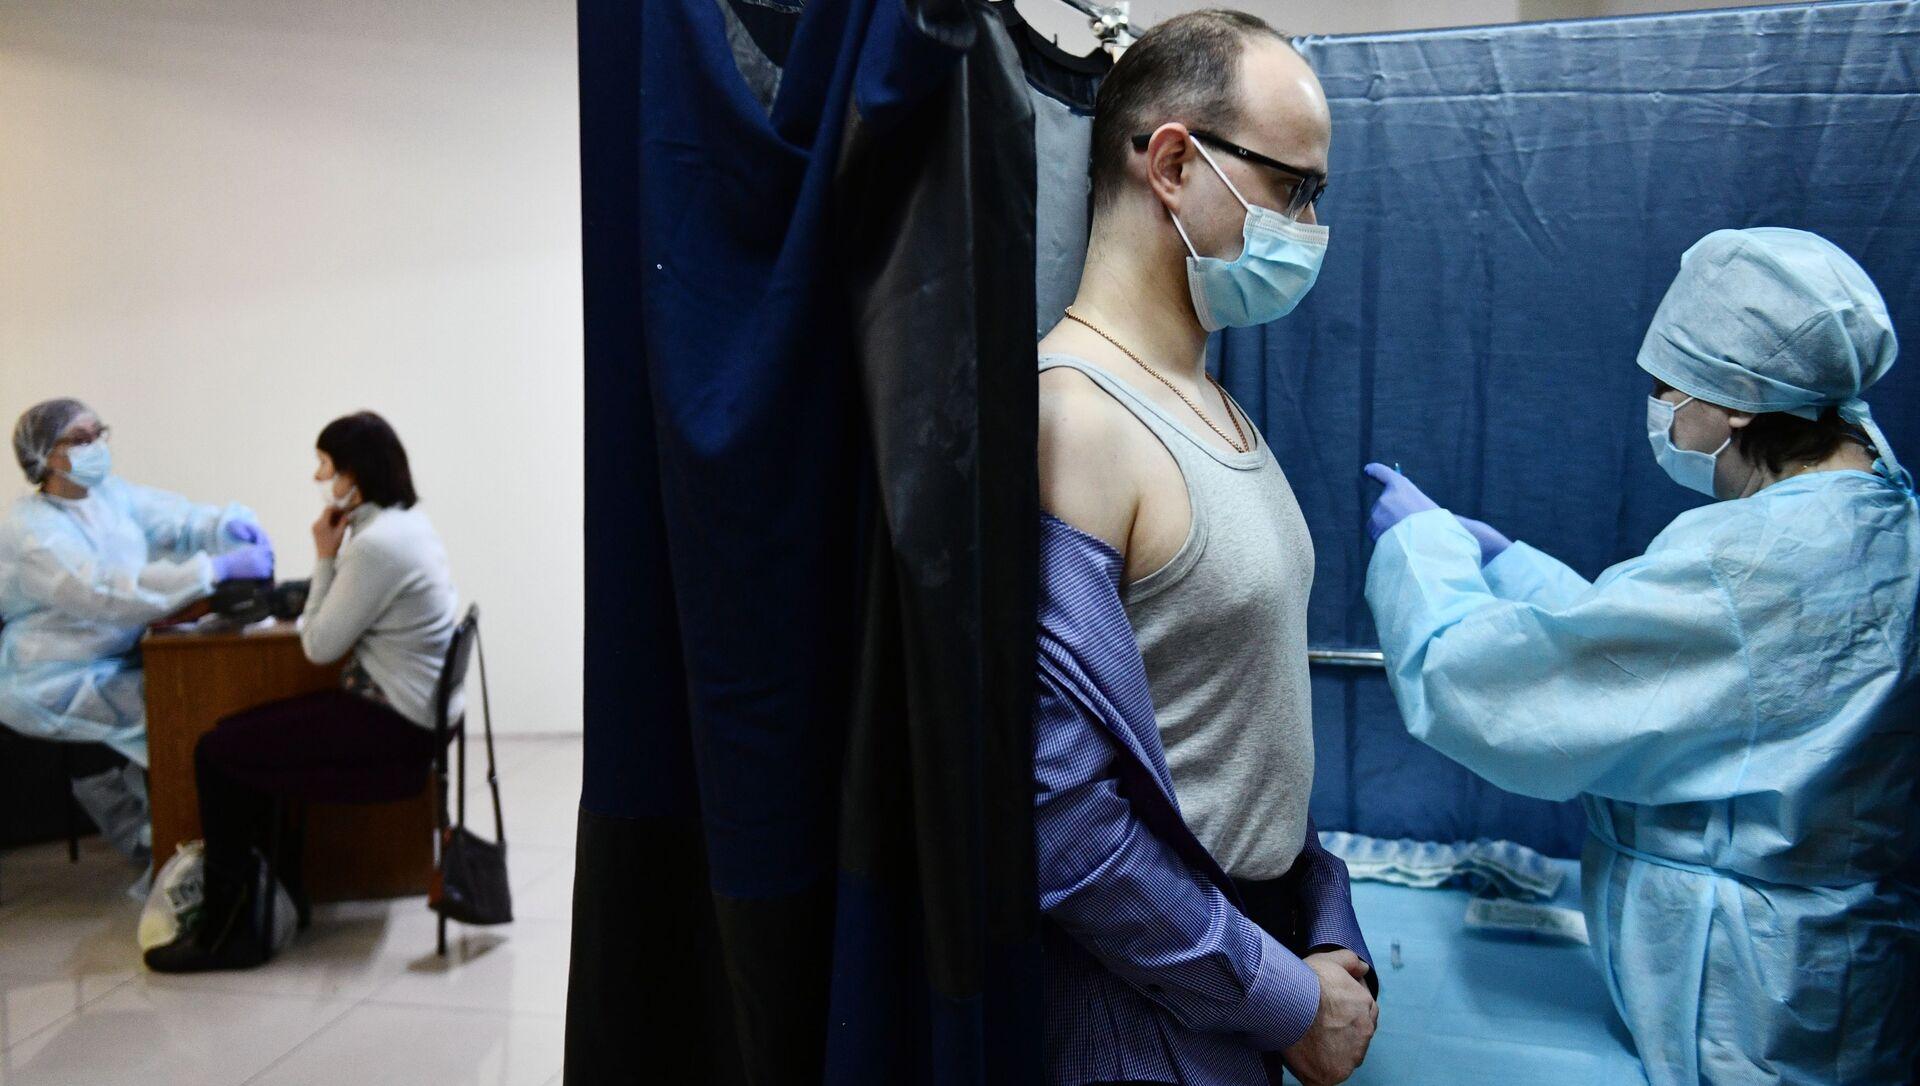 Мужчина вакцинируется от коронавируса - Sputnik Беларусь, 1920, 07.04.2021